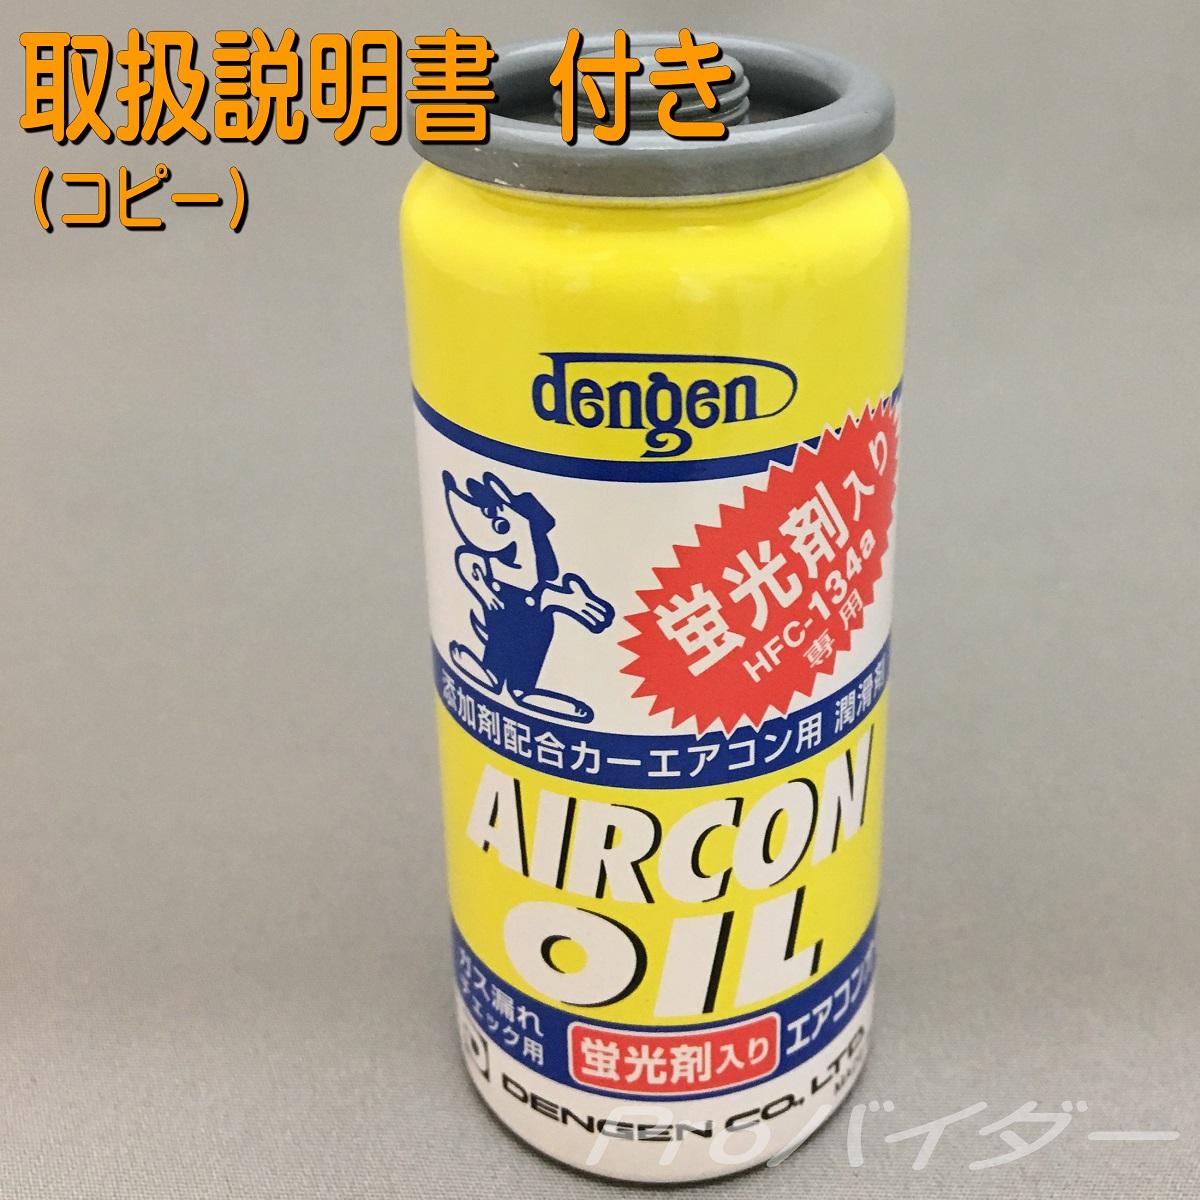 デンゲン DENGEN カーエアコン用 蛍光剤入り コンプレッサーオイル 取扱説明書コピー付 ( HFC-134a用) OG-1040KF